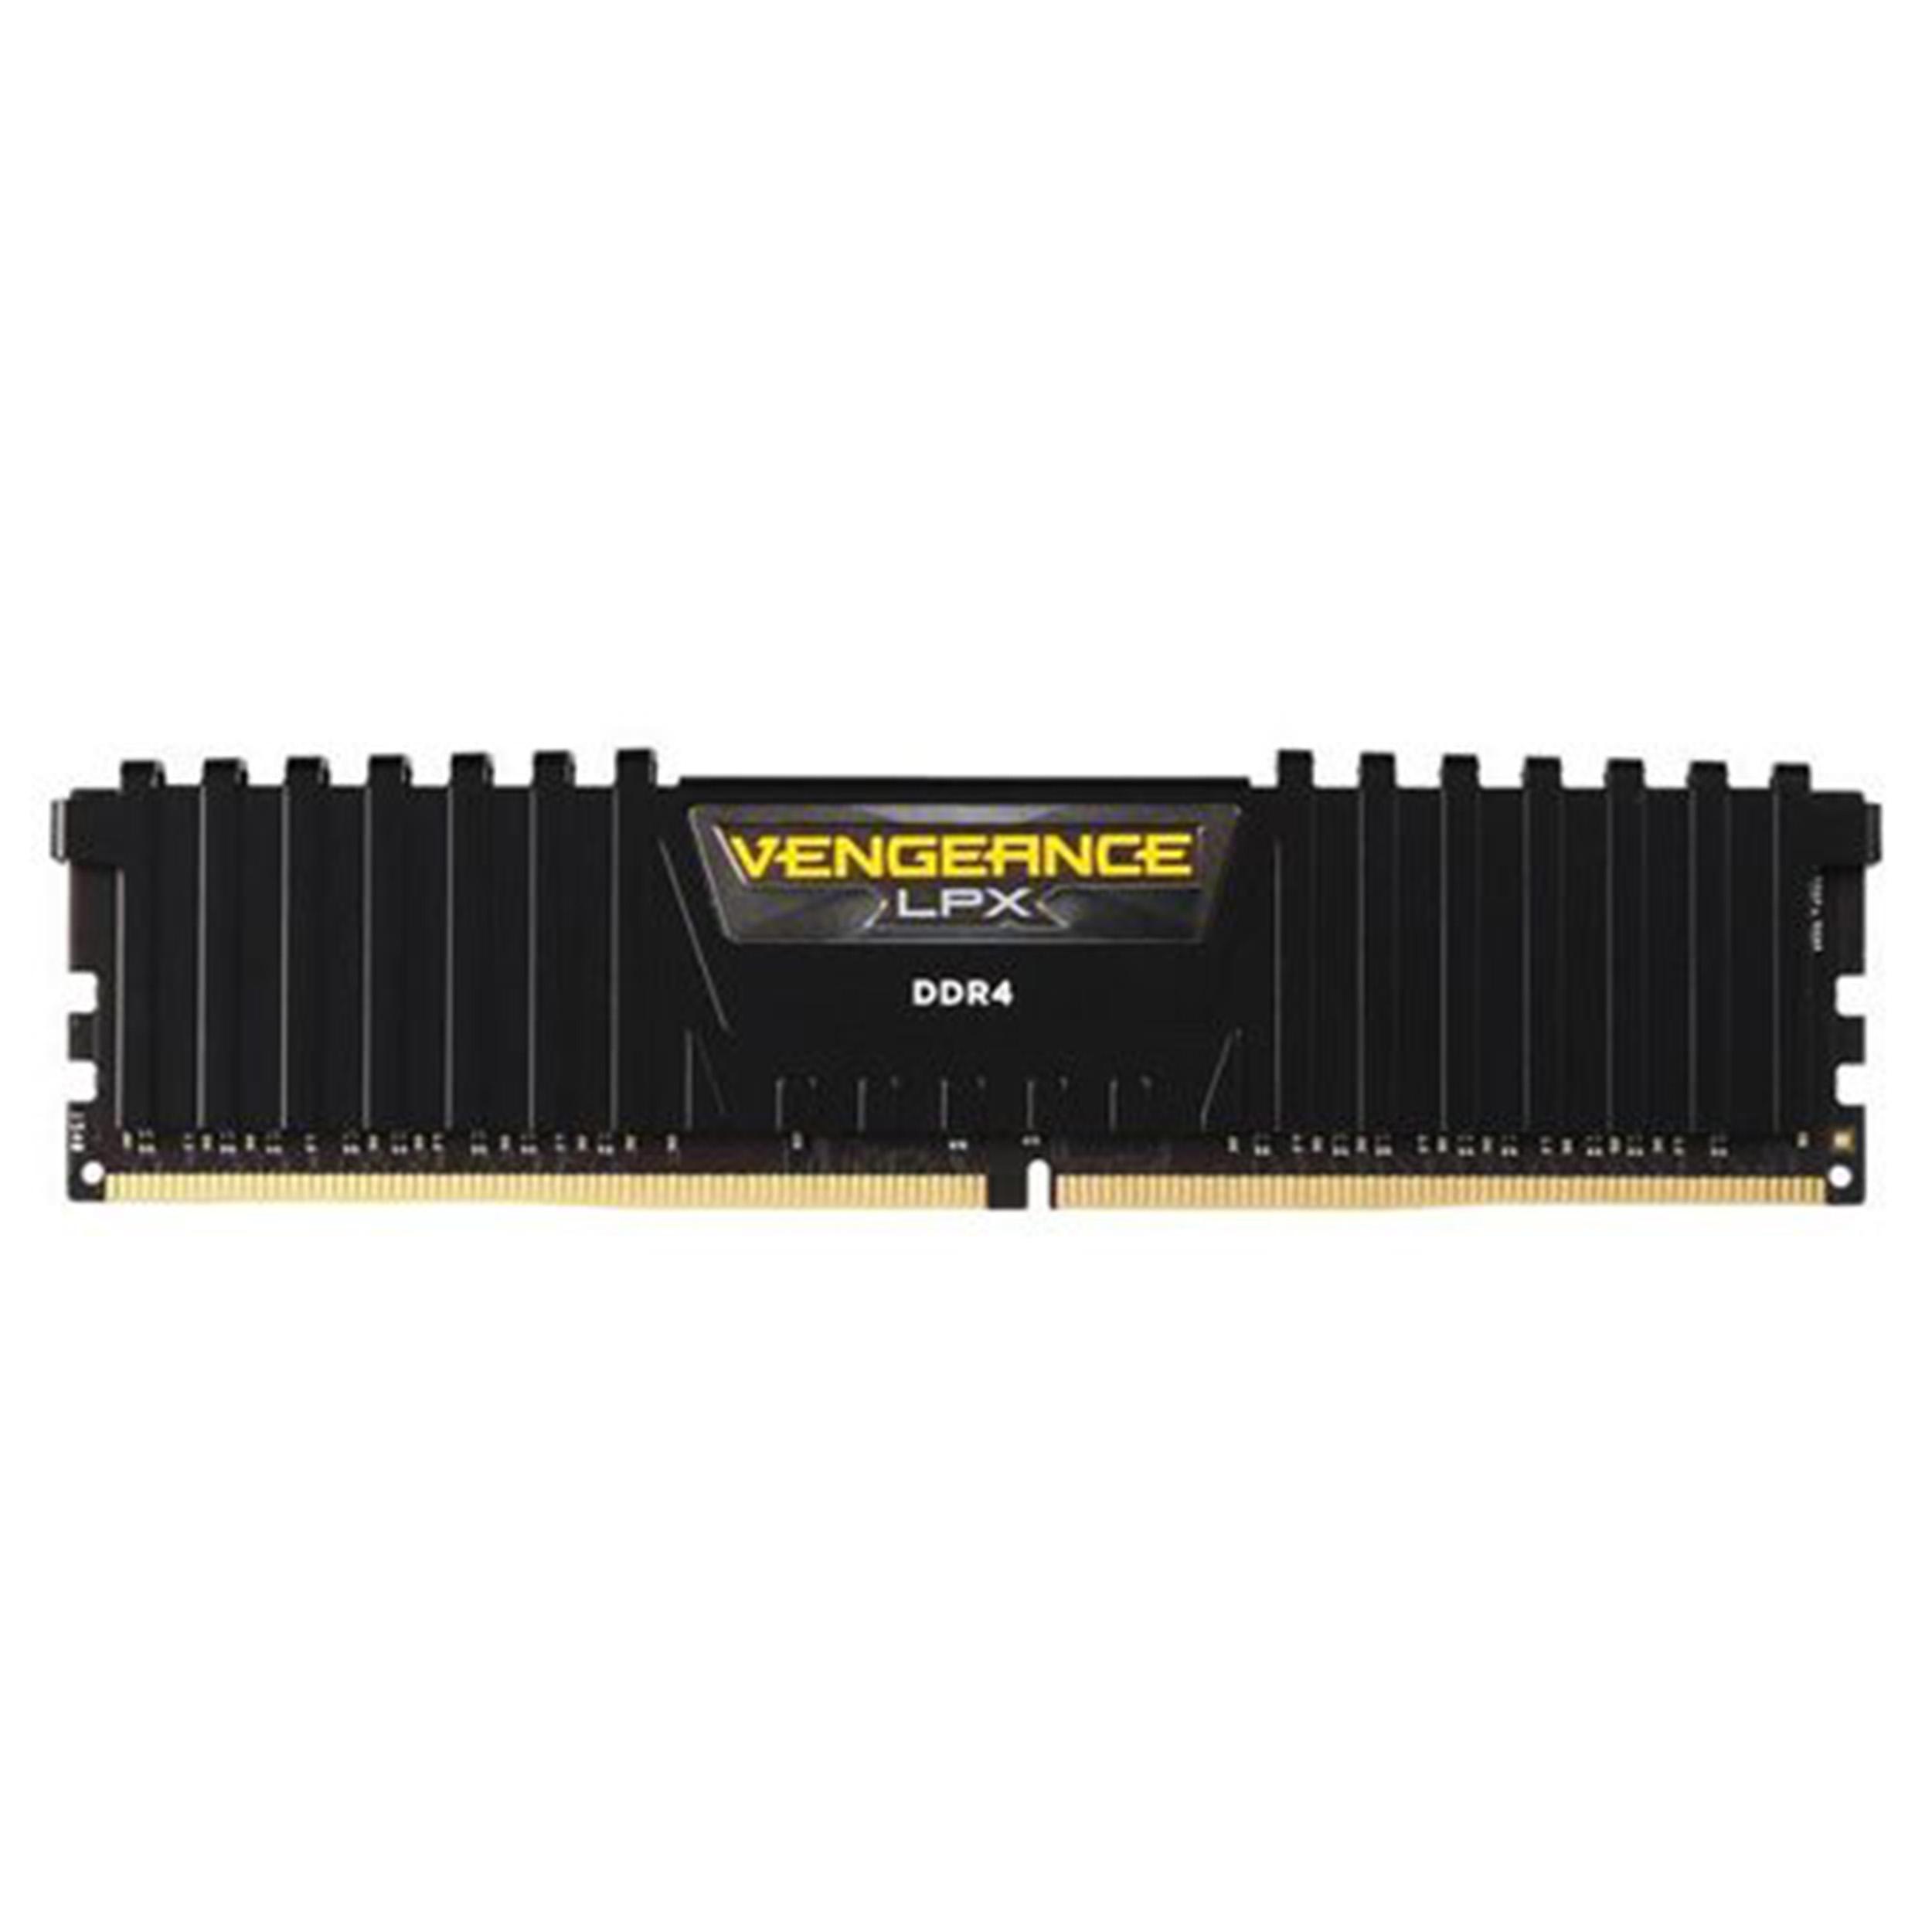 رم دسکتاپ DDR4 تک کاناله 2400 مگاهرتز CL16 کورسیر مدل VENGANCE LPX ظرفیت 4 گیگابایت